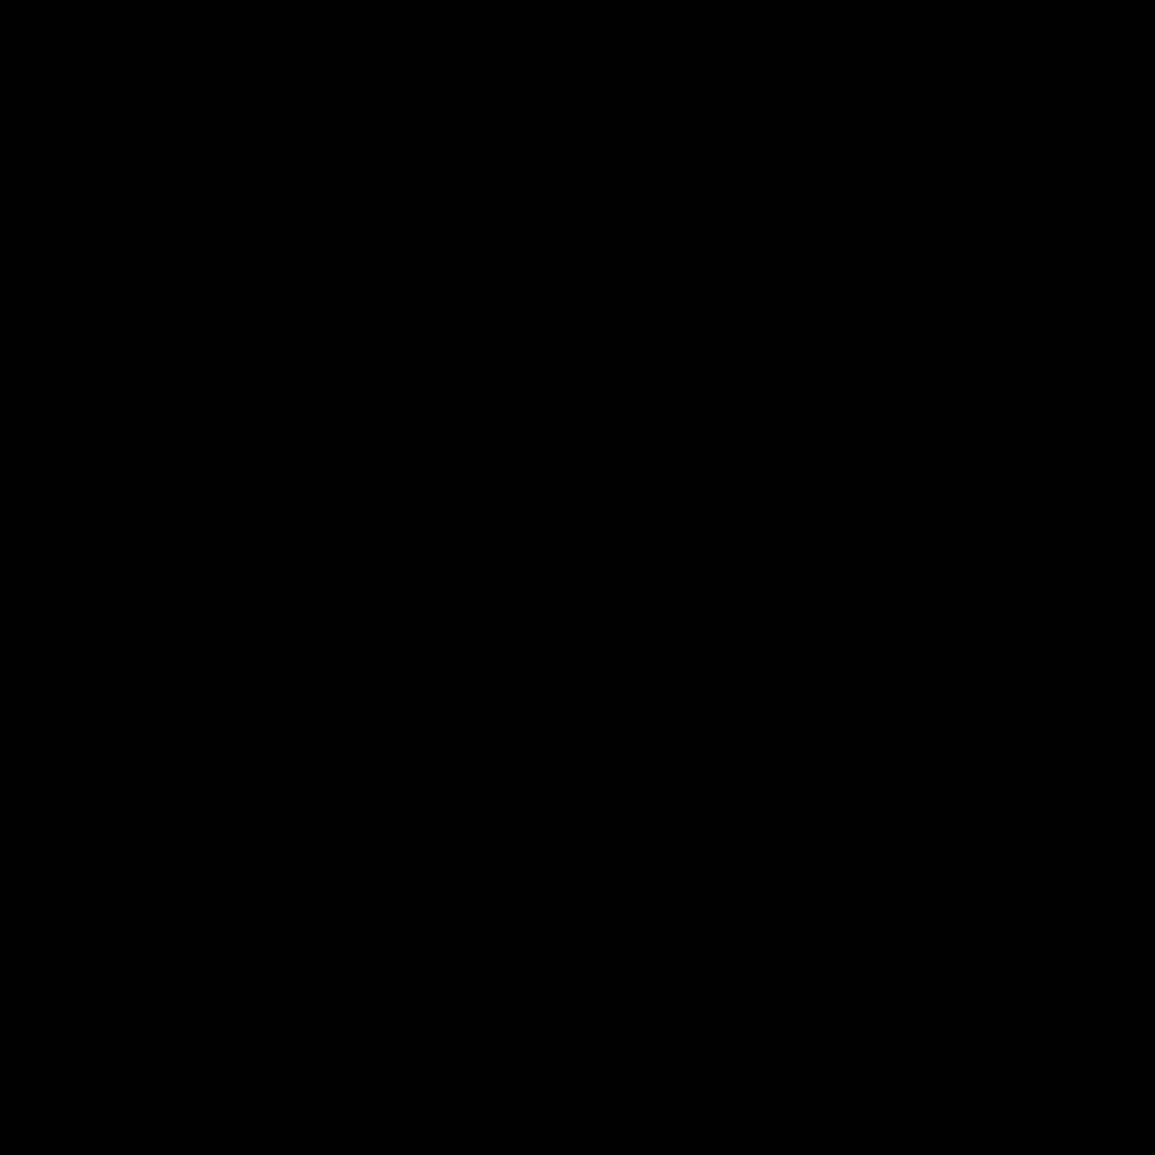 スーシャ L LSM 字形見本